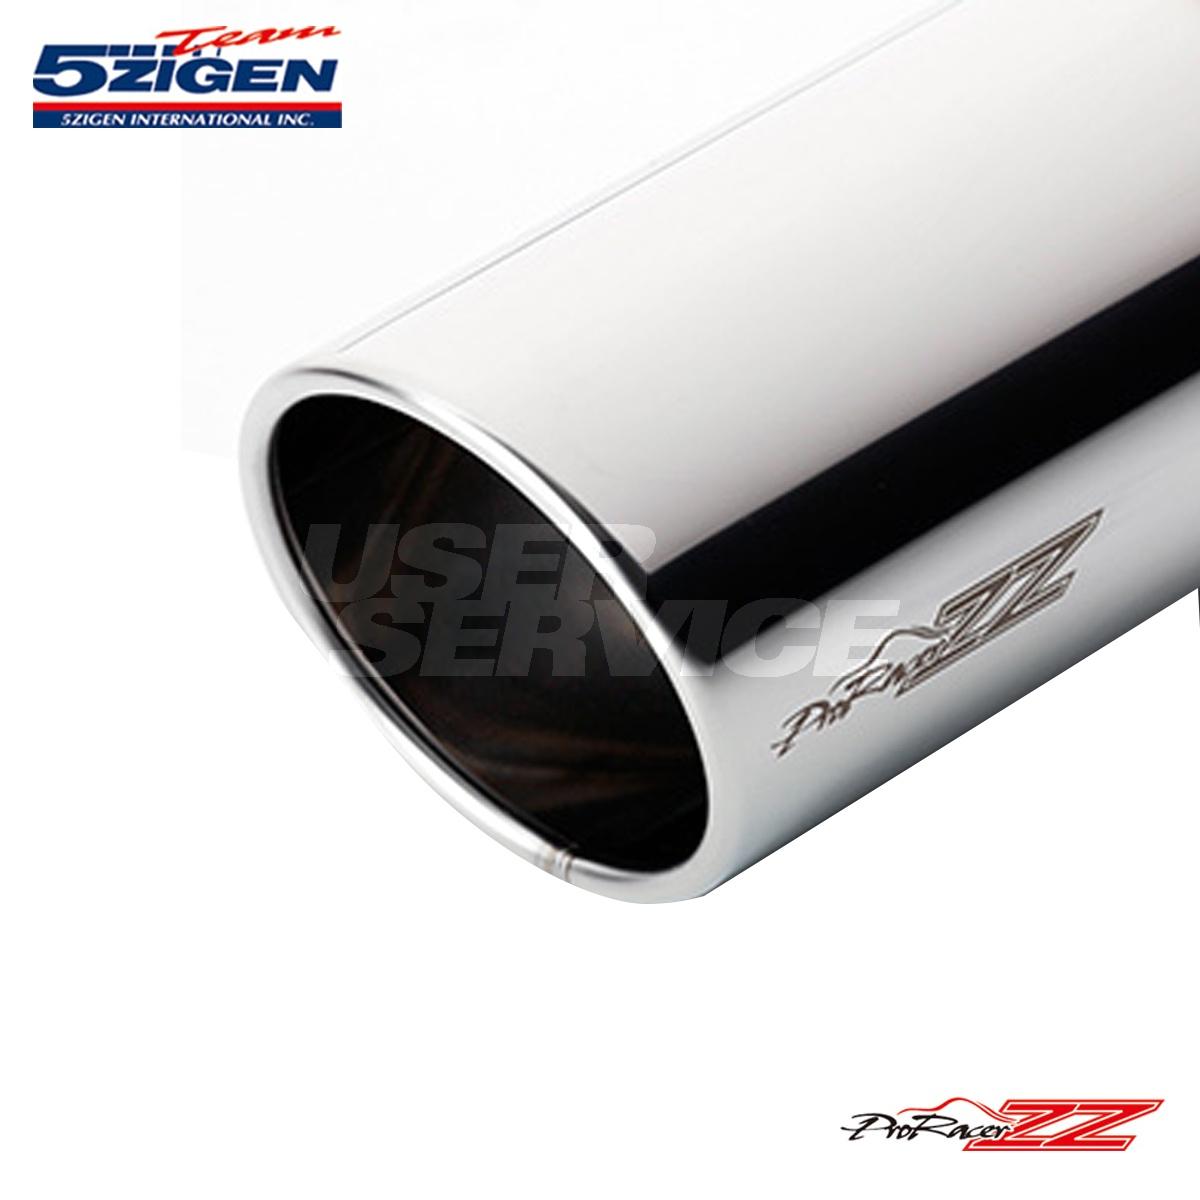 5次元 プロレーサーZZ コルトラリーアート CBA-Z27AG マフラー 品番:PZM-014 5ZIGEN